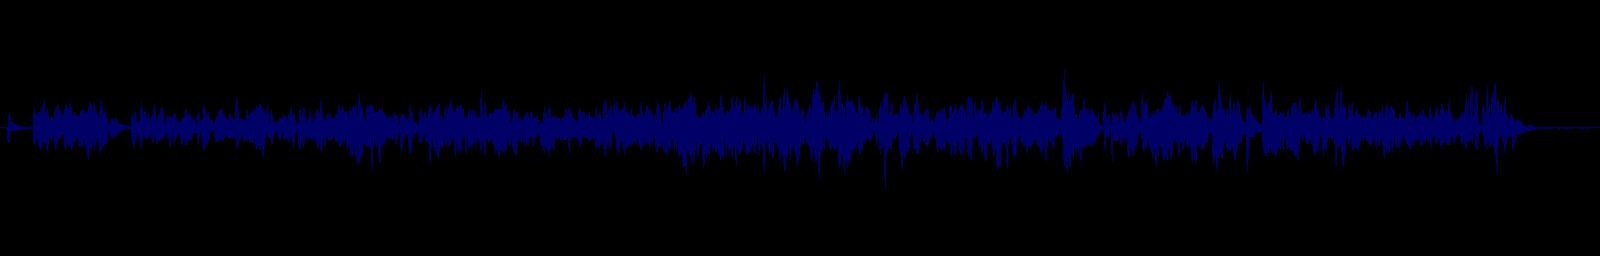 waveform of track #150667